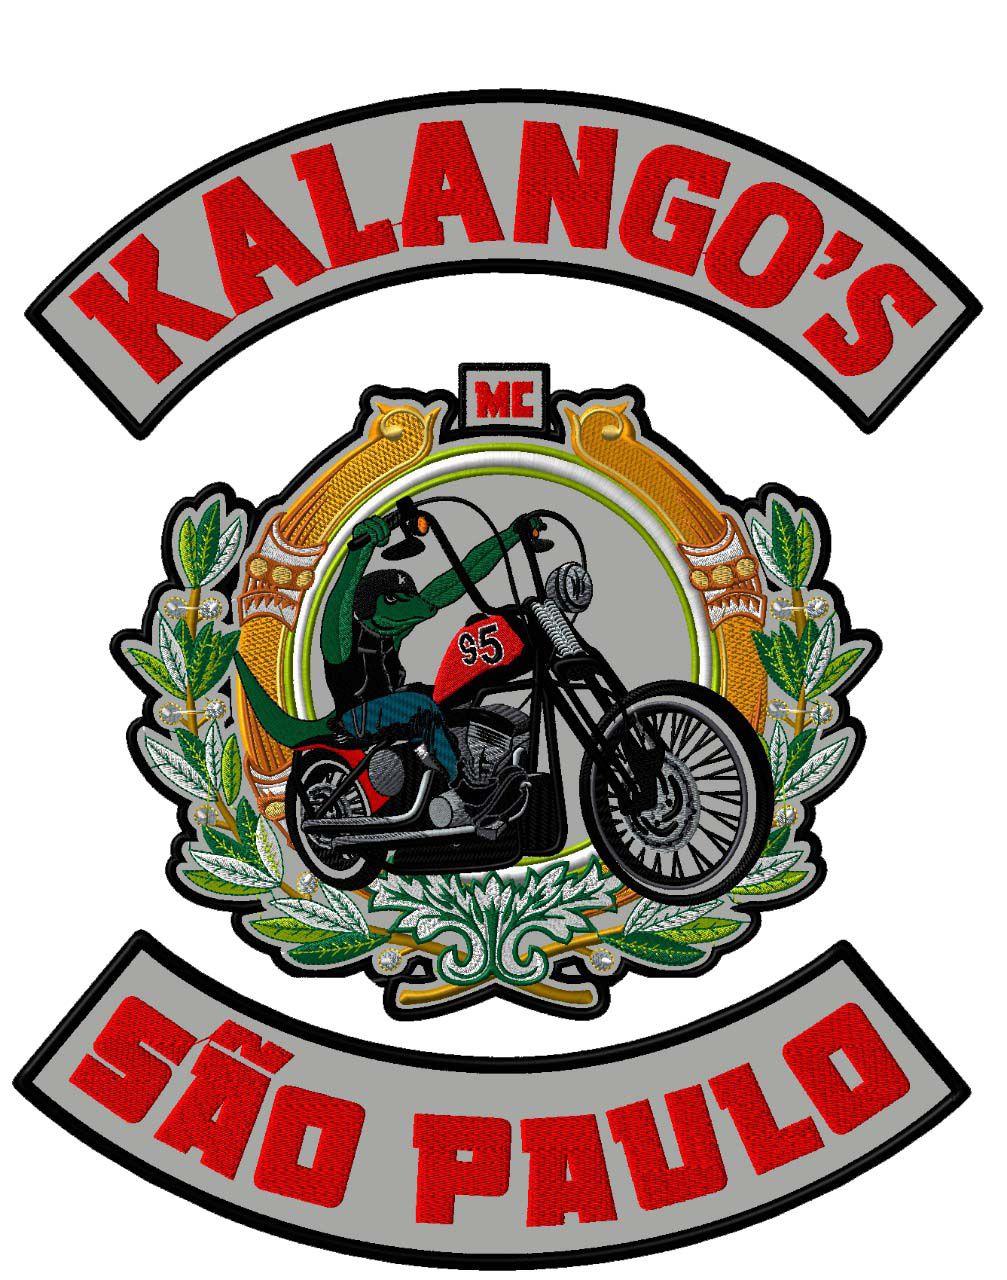 Kit Kalangos MC